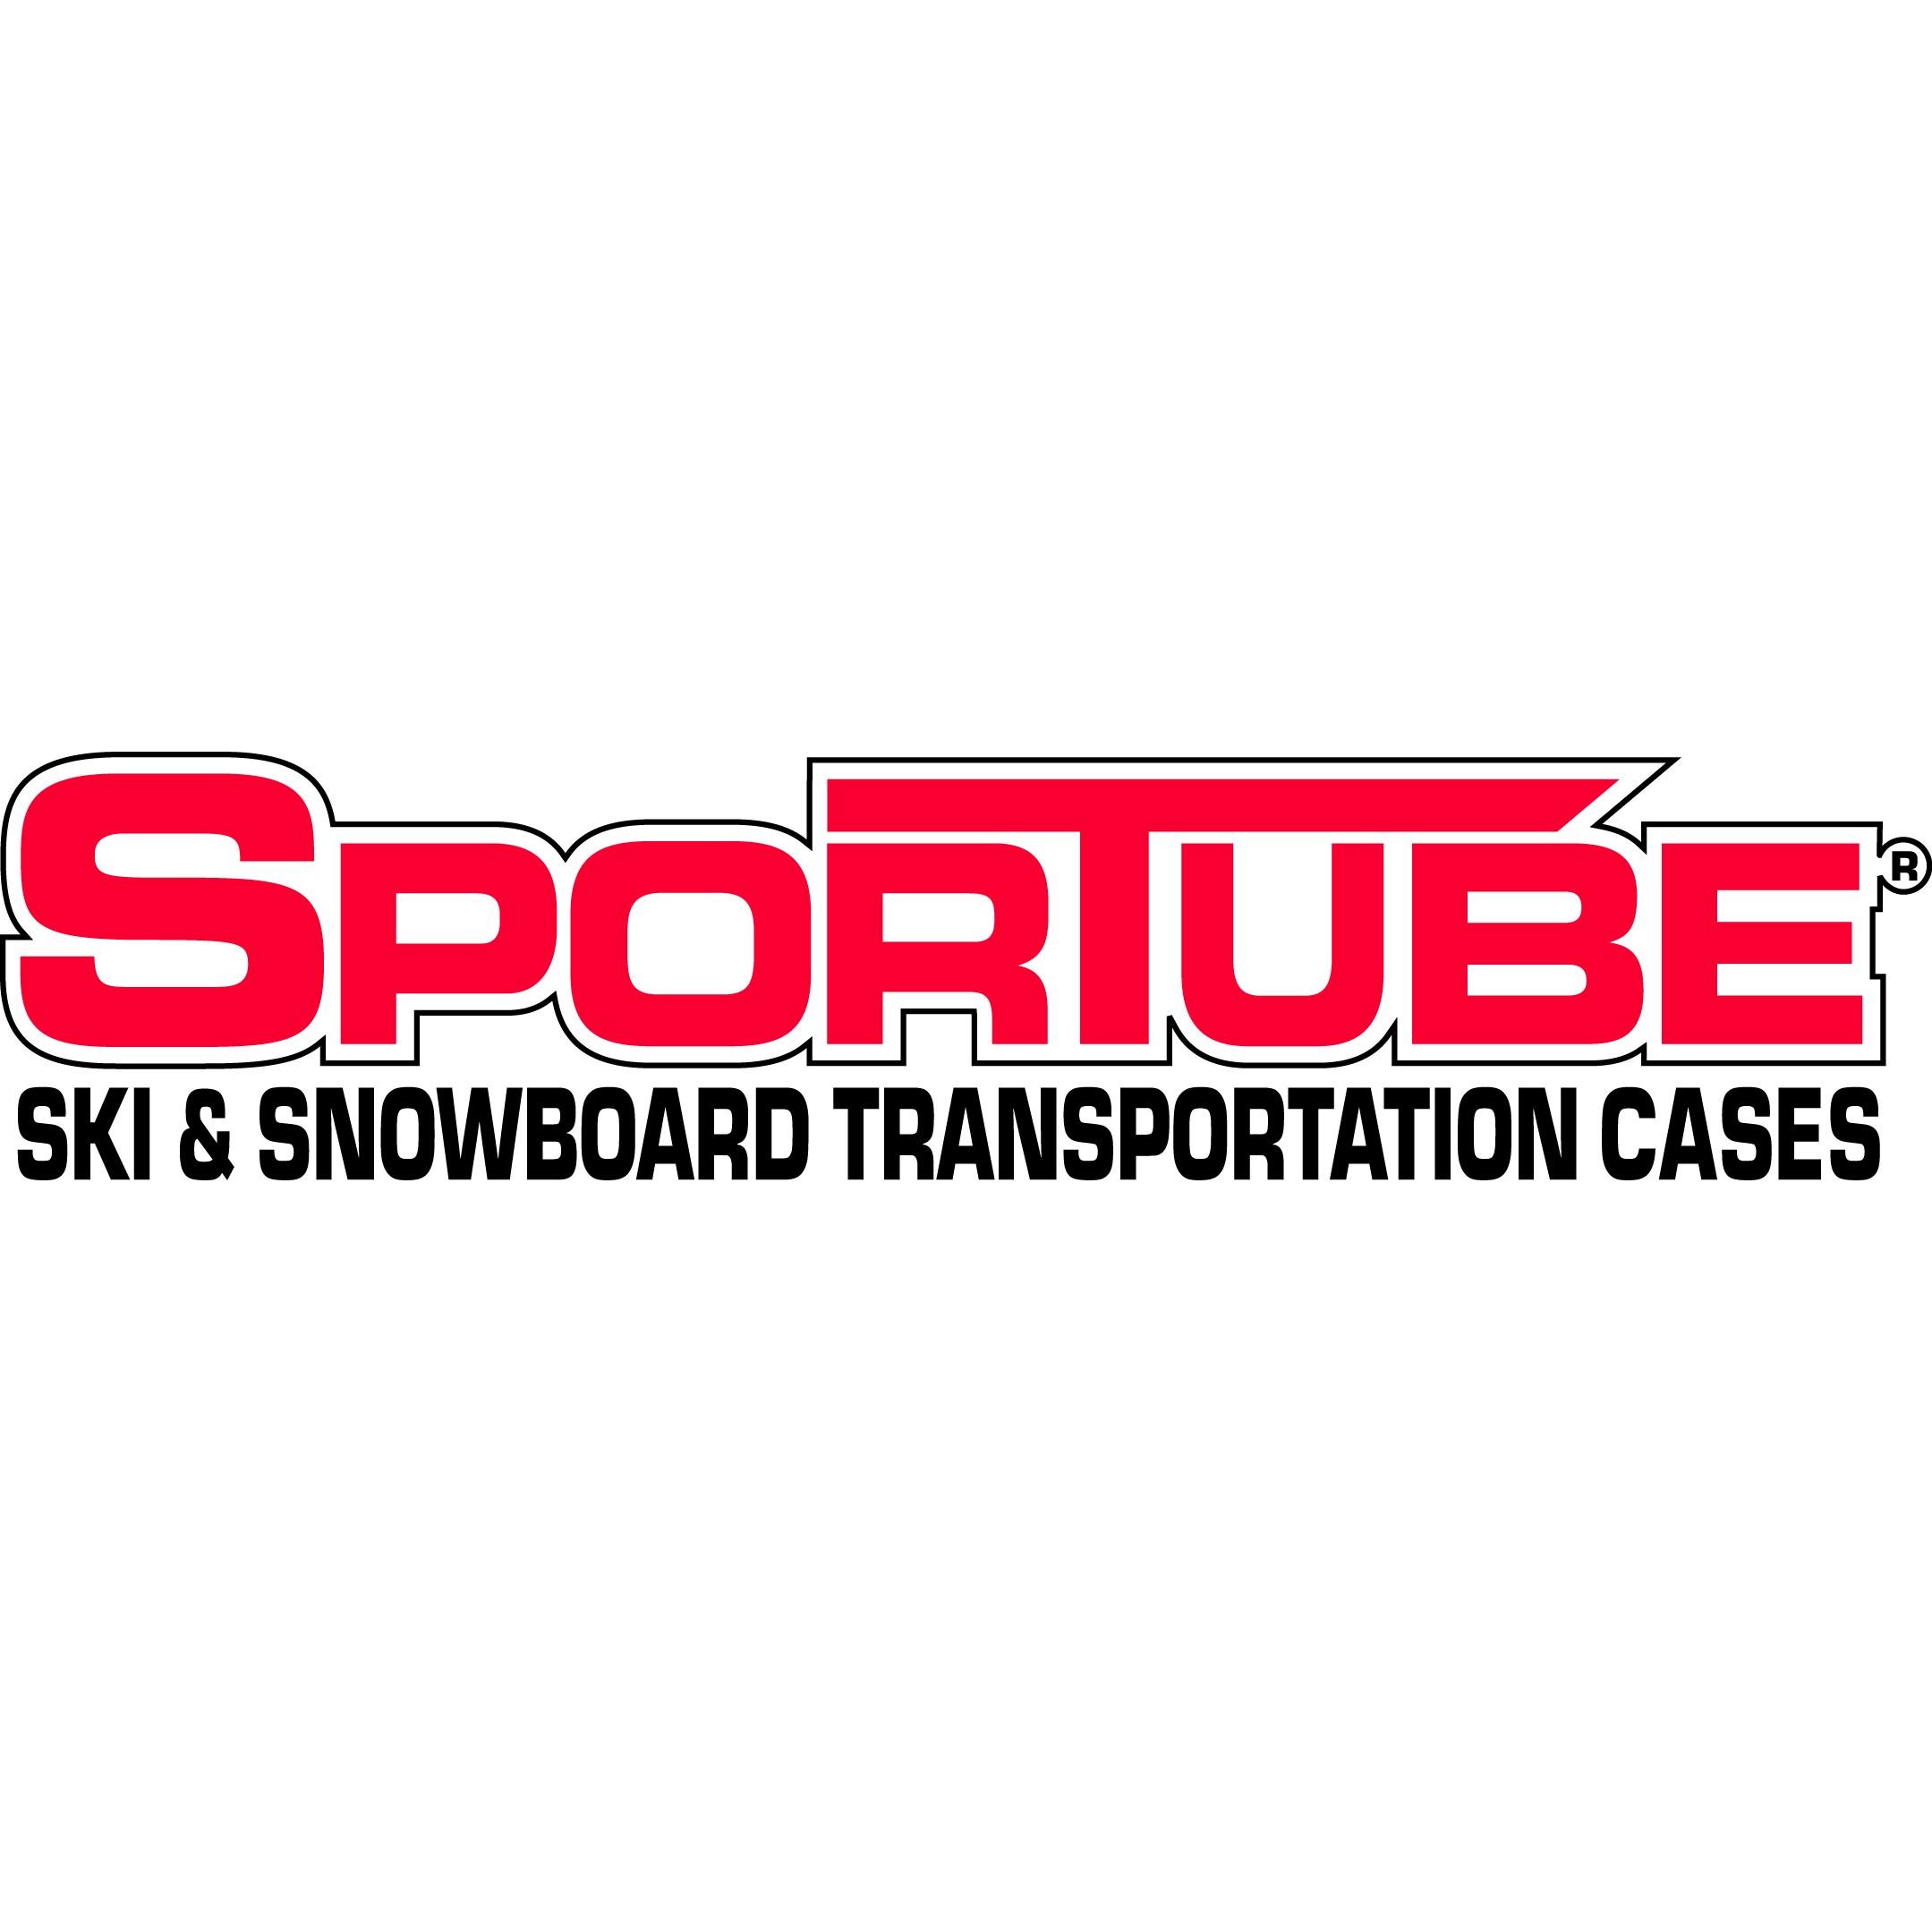 sportube-logo.jpg